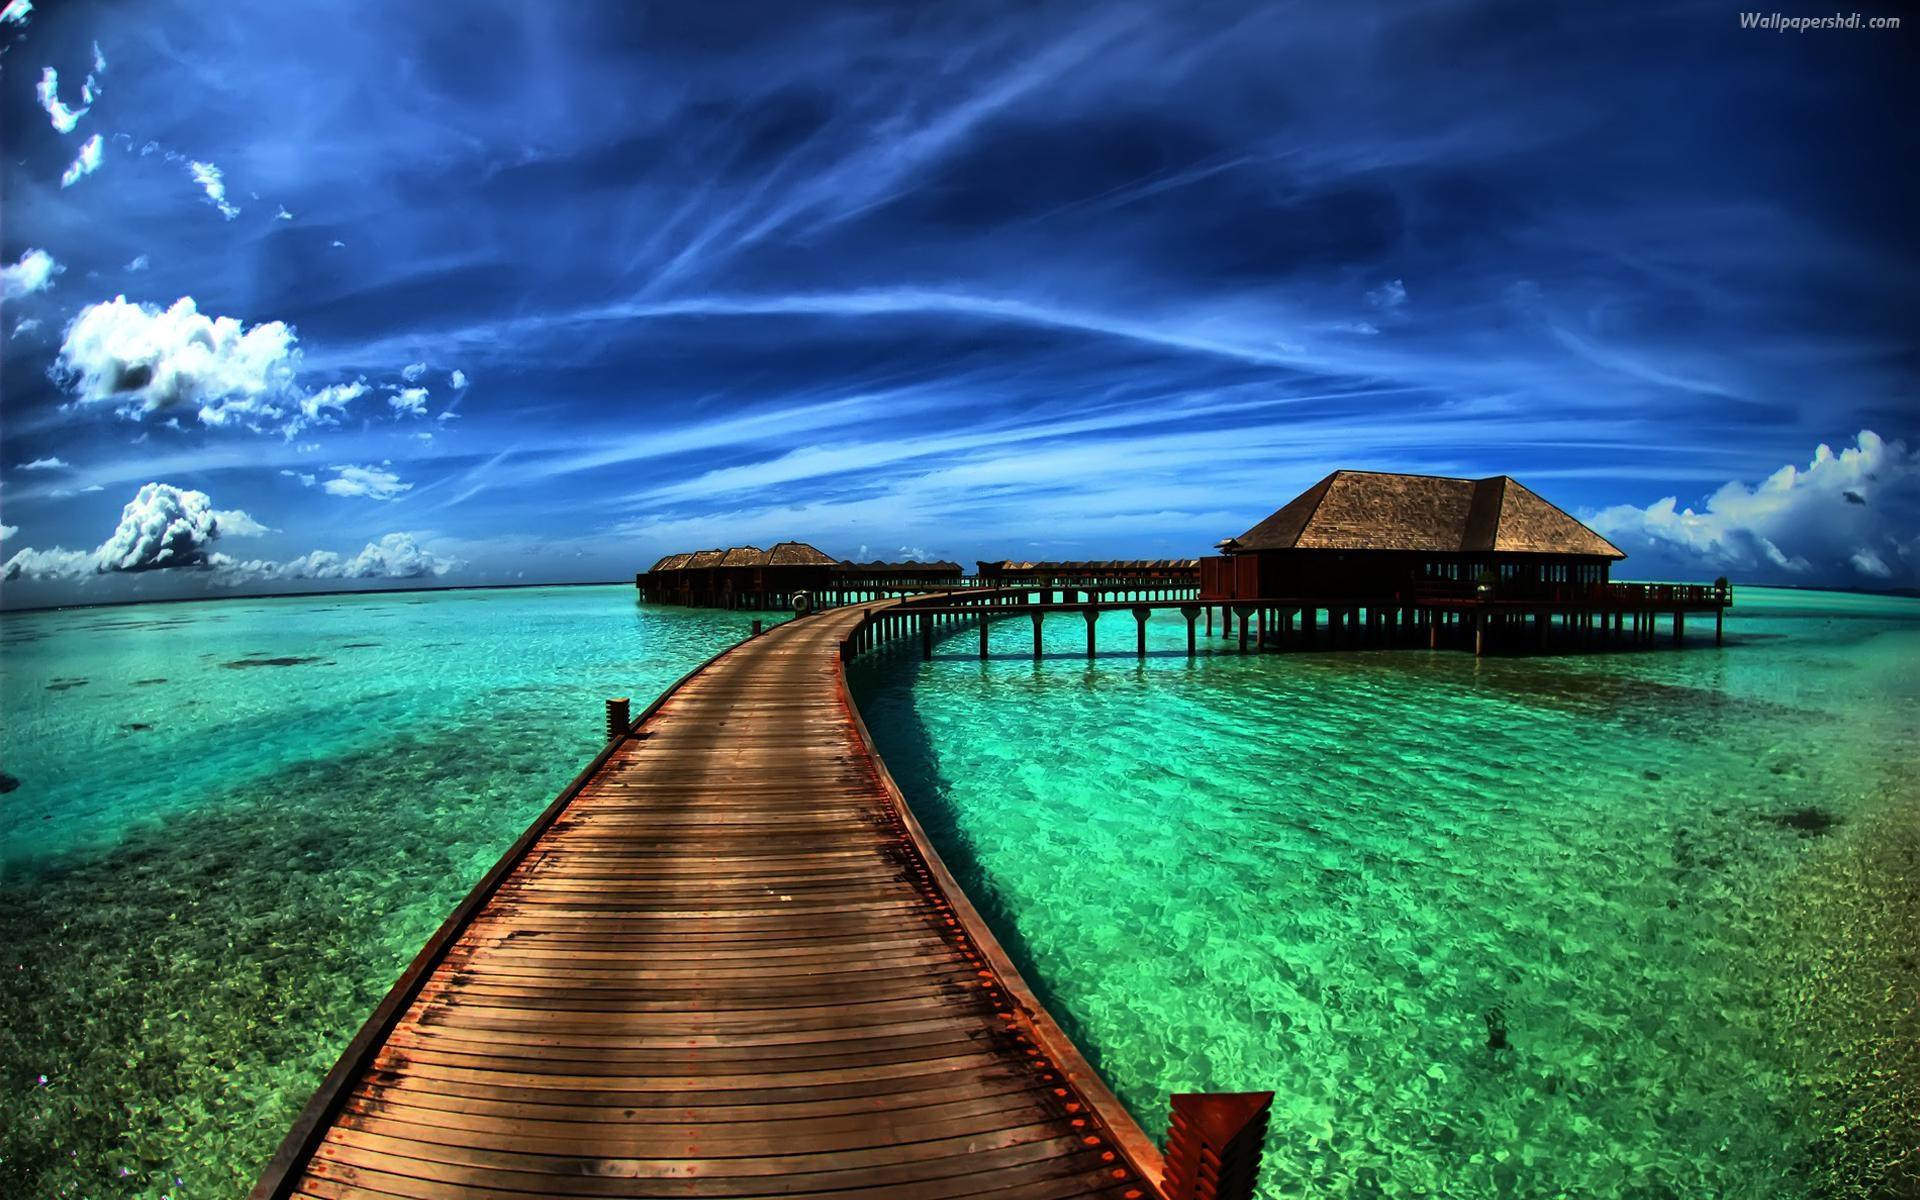 Caribbean-Beach-Landscape-Wallpaper